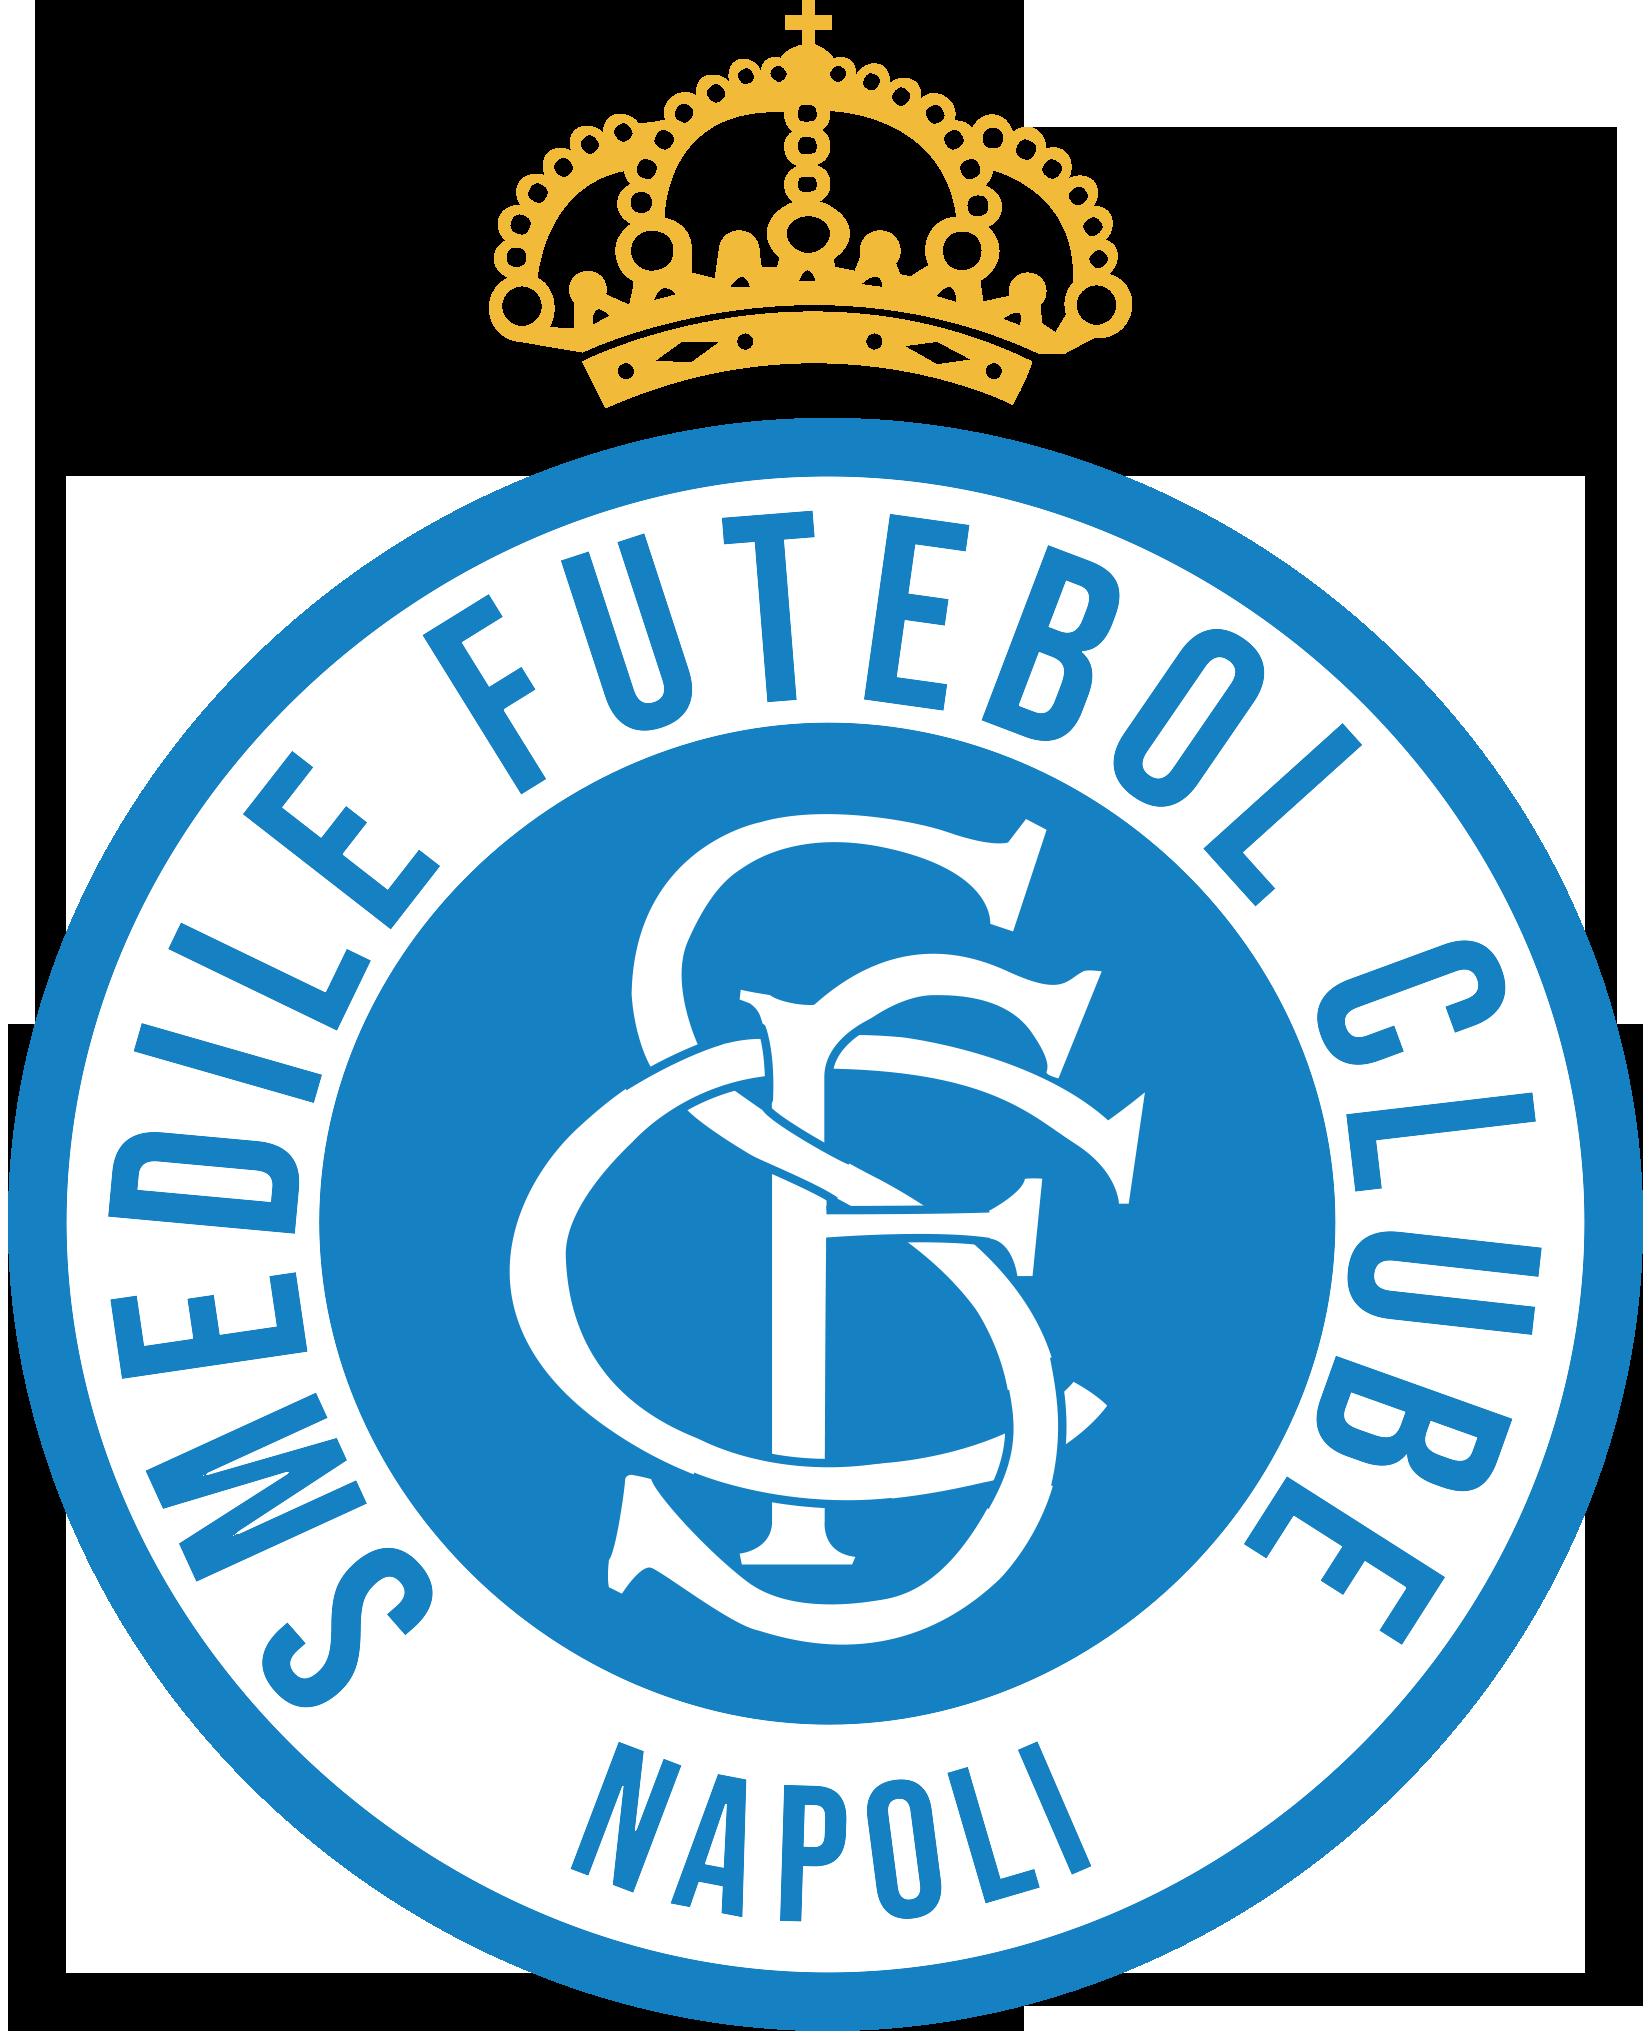 Smedile Fc Napoli